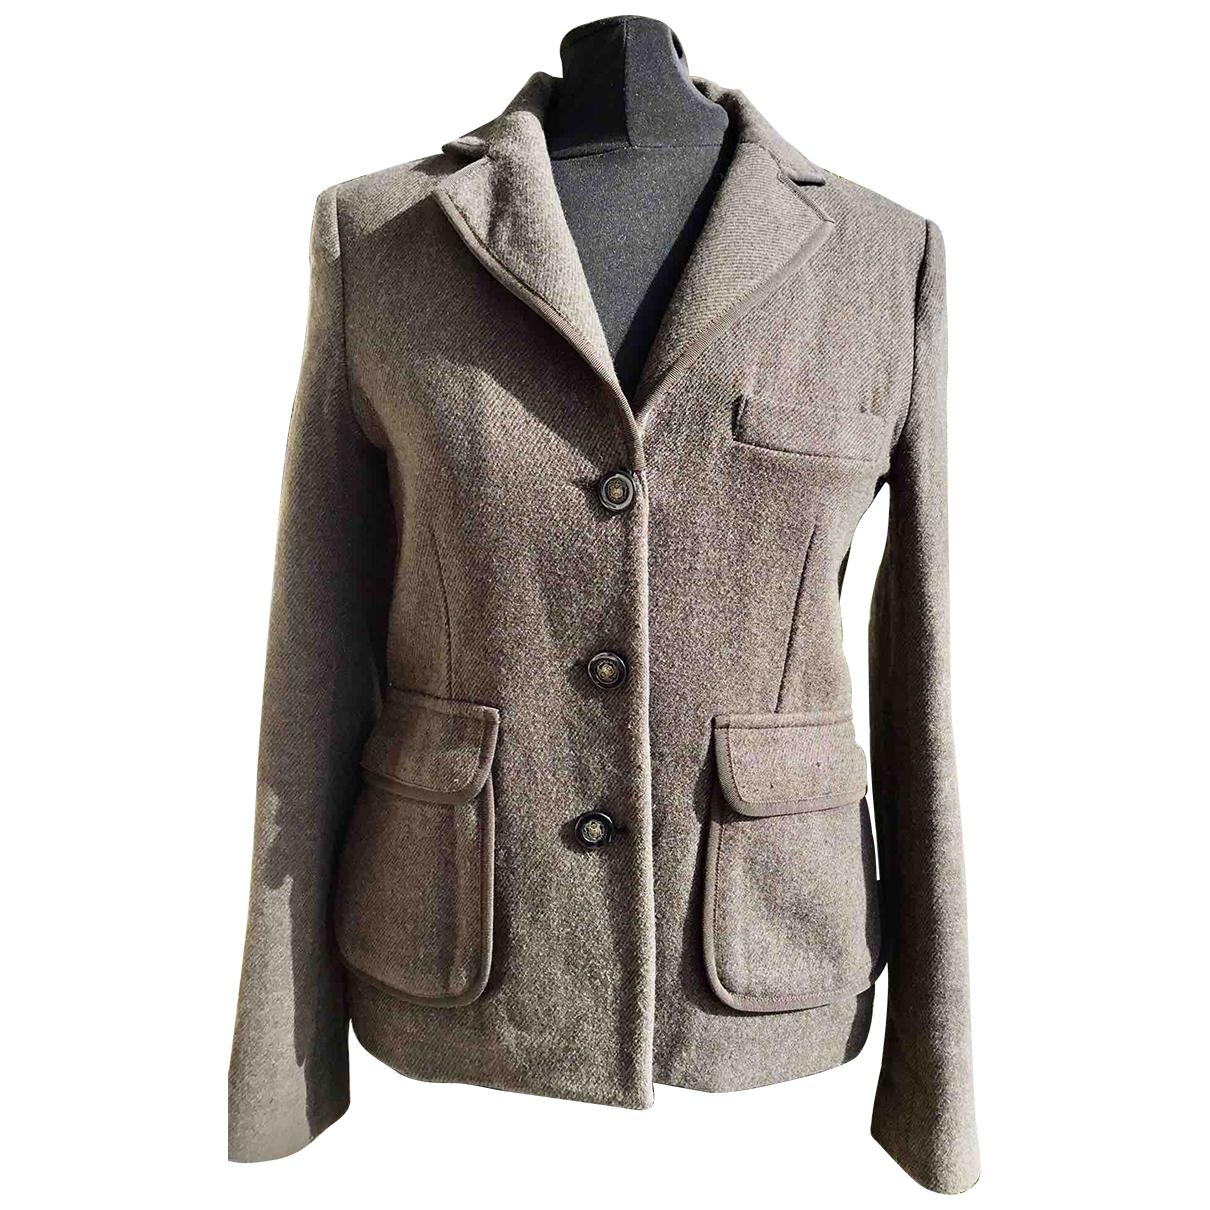 Claudie Pierlot \N Brown Wool jacket for Women 2 0-5